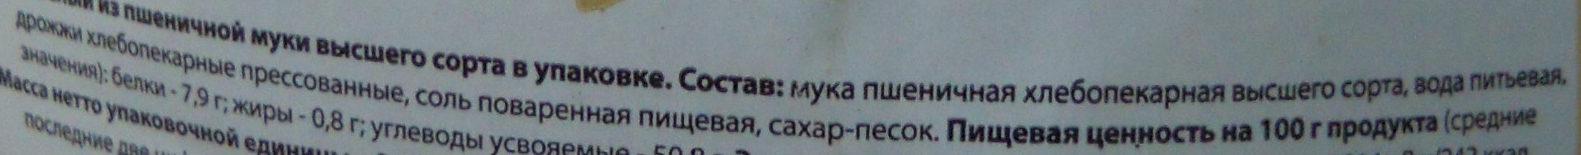 Хлеб белый - Ingredients - ru